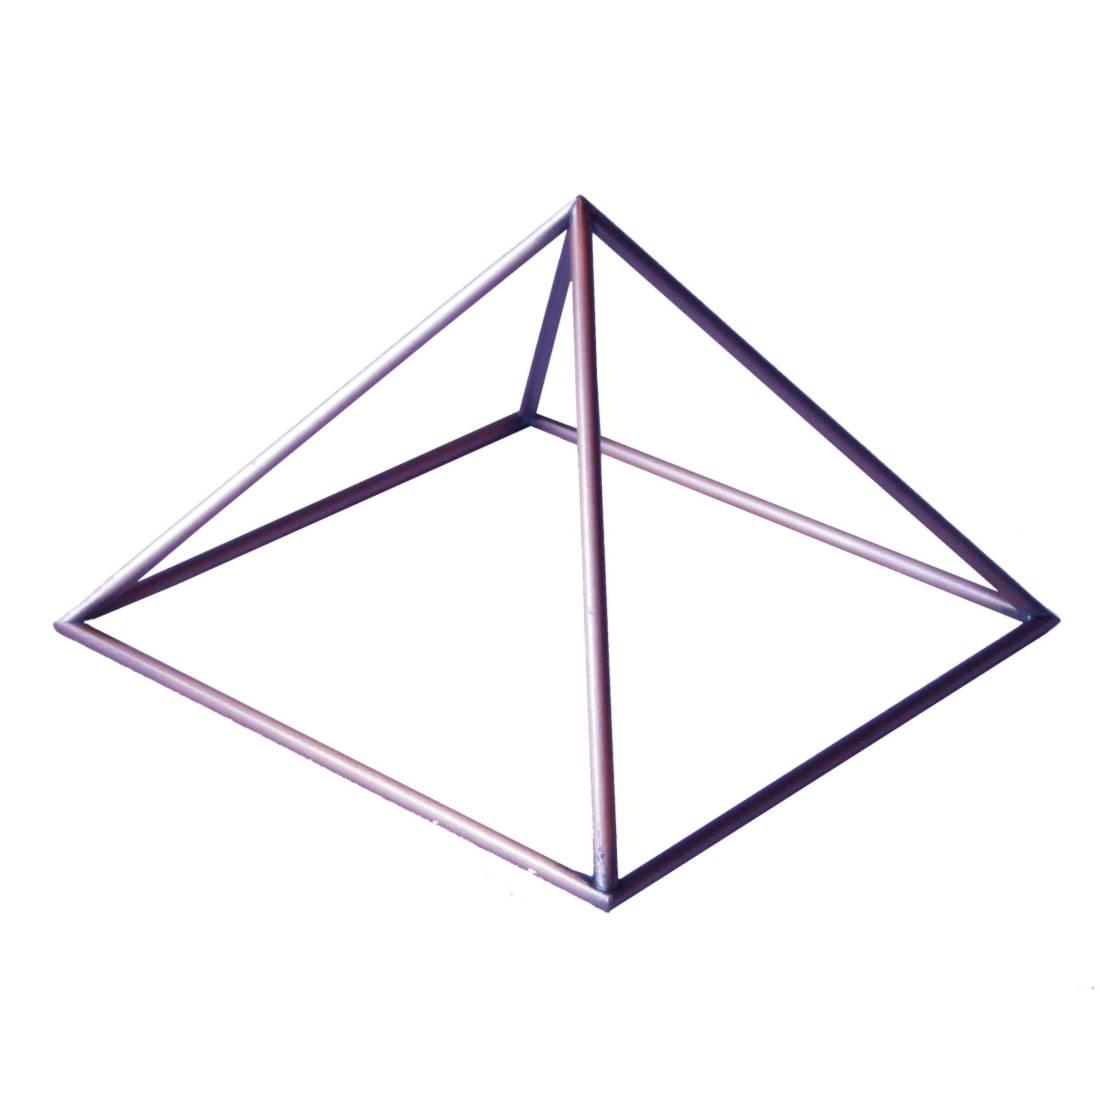 Pirâmide cobre 10 cm  - Zots